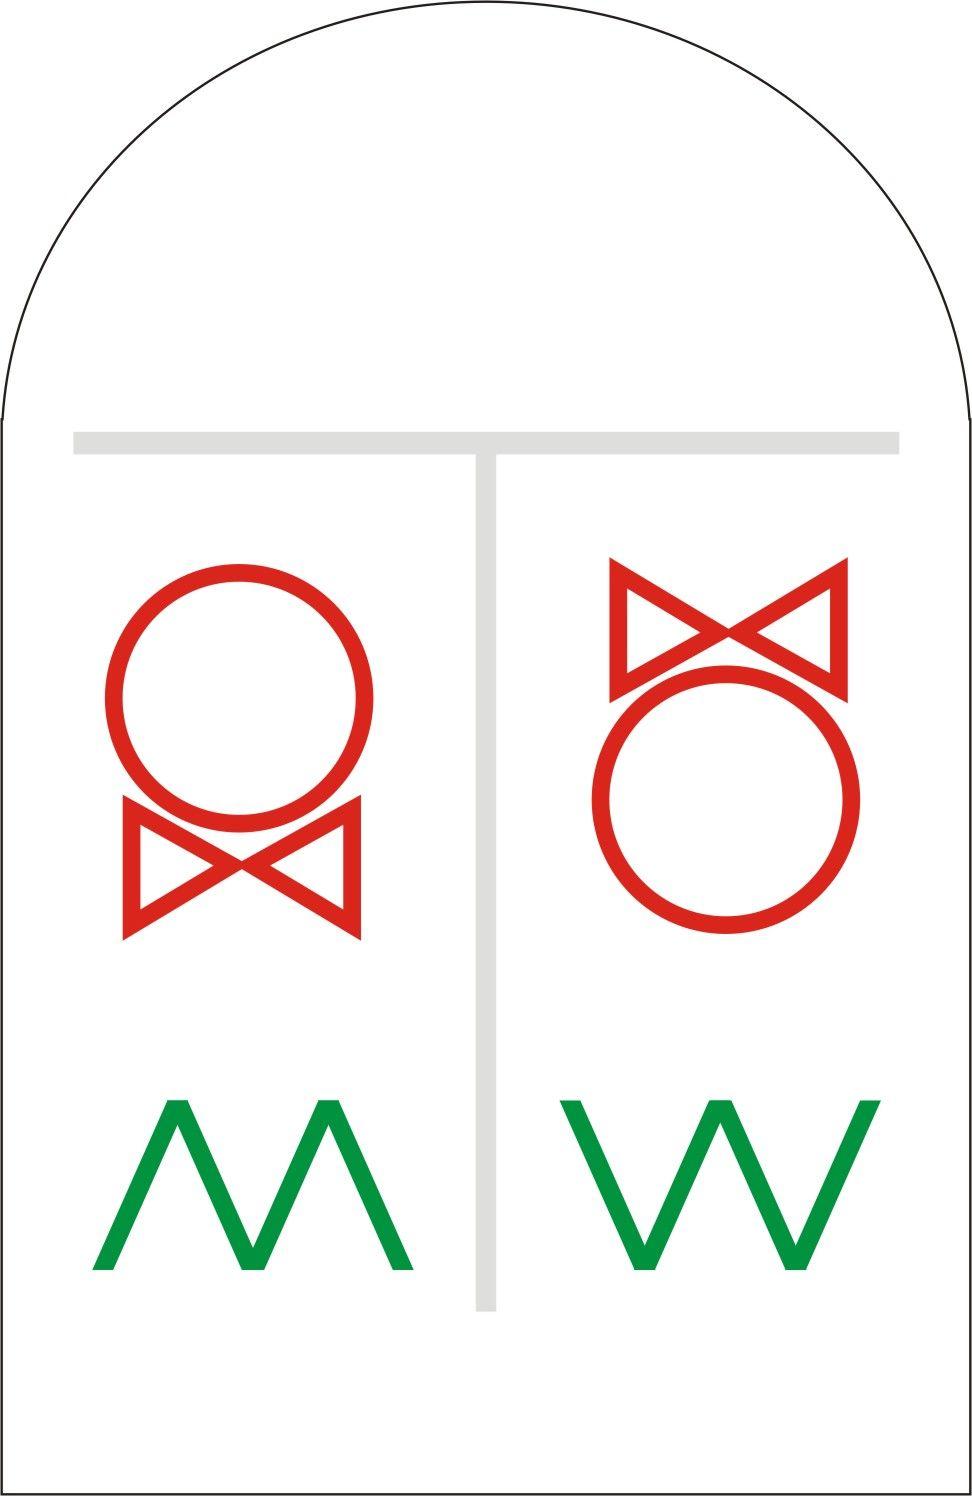 厕所标志案例图片 设计师kiroro0设计工作室的空间 红动中国设计空间